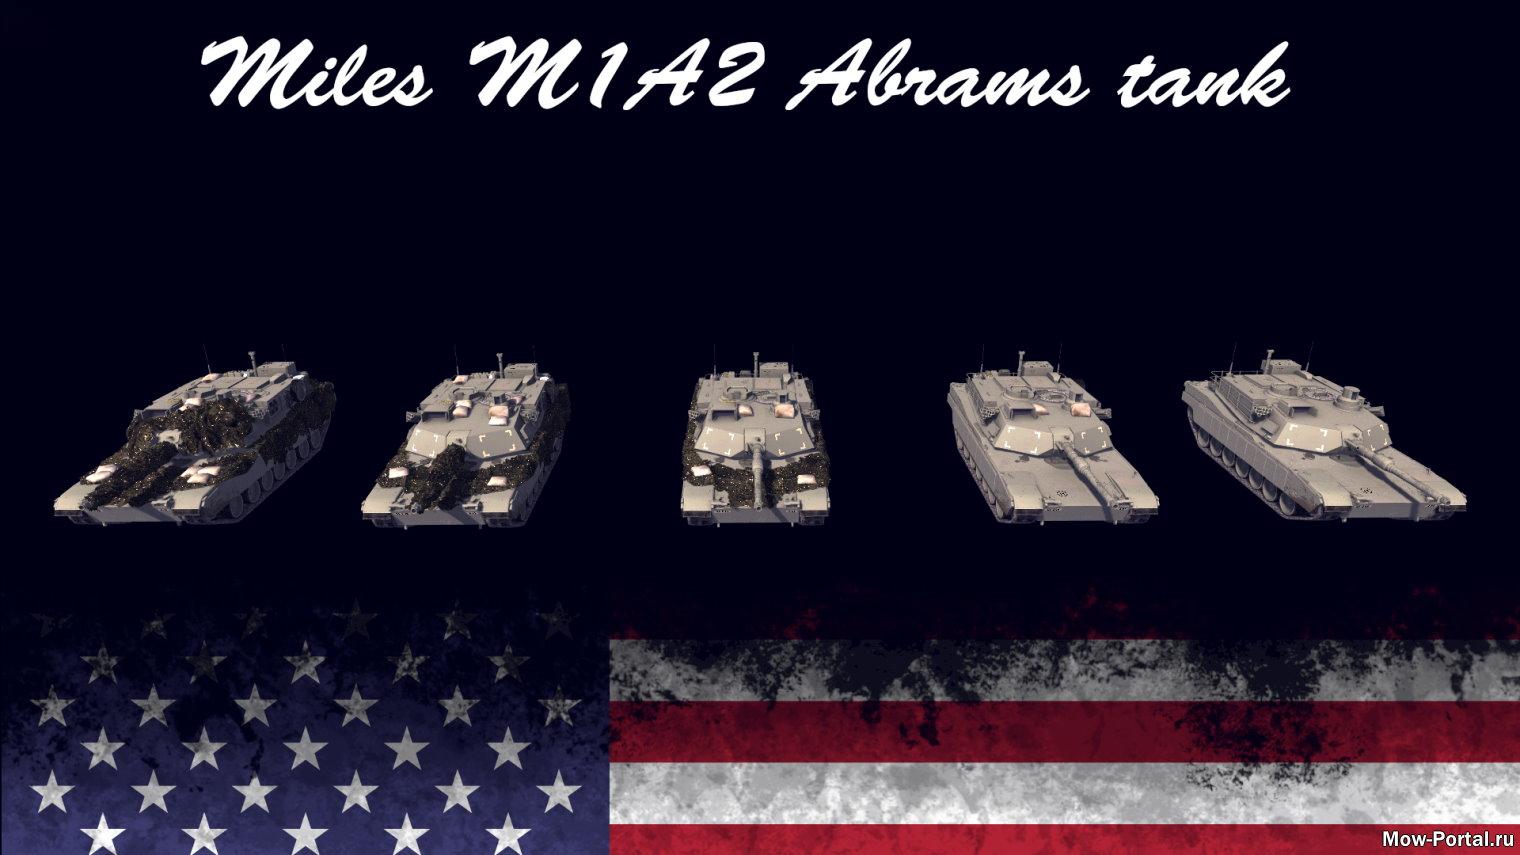 Скачать файл Miles M1A2 Abrams tank (AS2 — 3.262.0) (v02.08.2020)